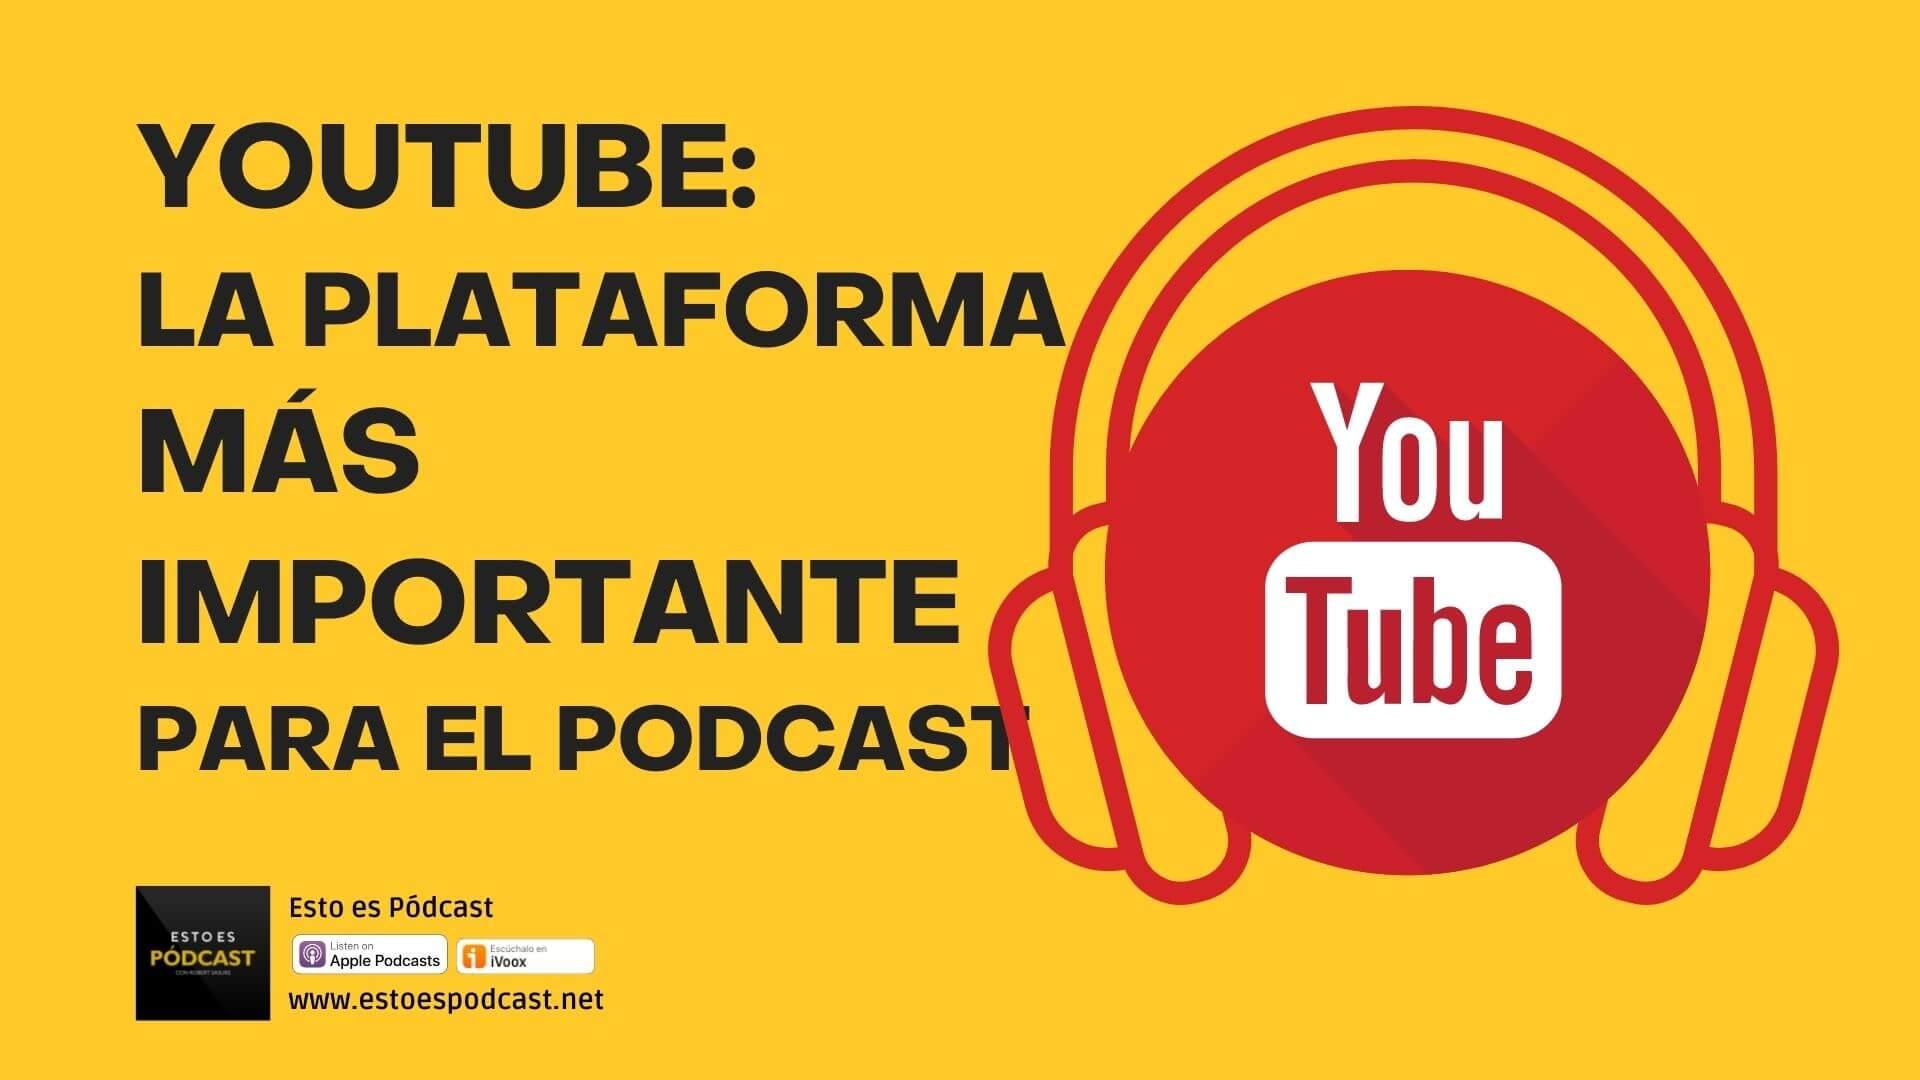 155. Youtube: la plataforma más importante para Podcasts